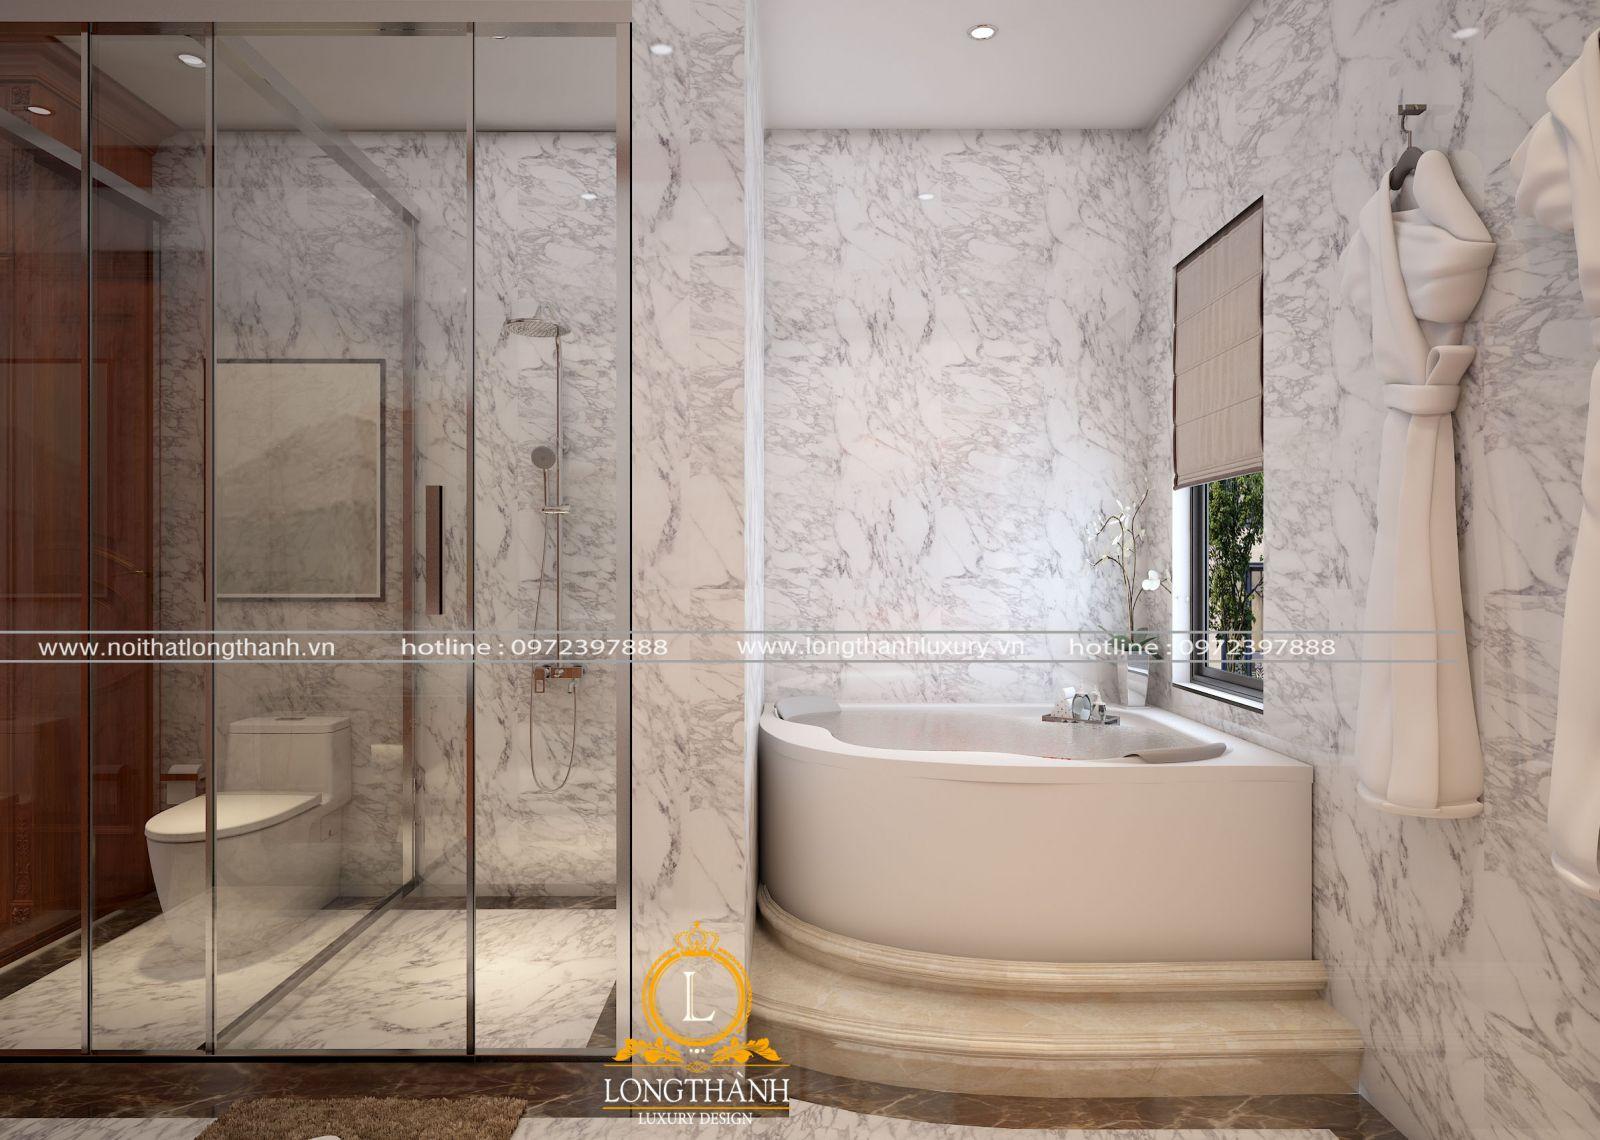 Phòng tắm thiết kế thêm cửa sổ đón ánh sáng tự nhiên giúp thông thoáng, sạch sẽ